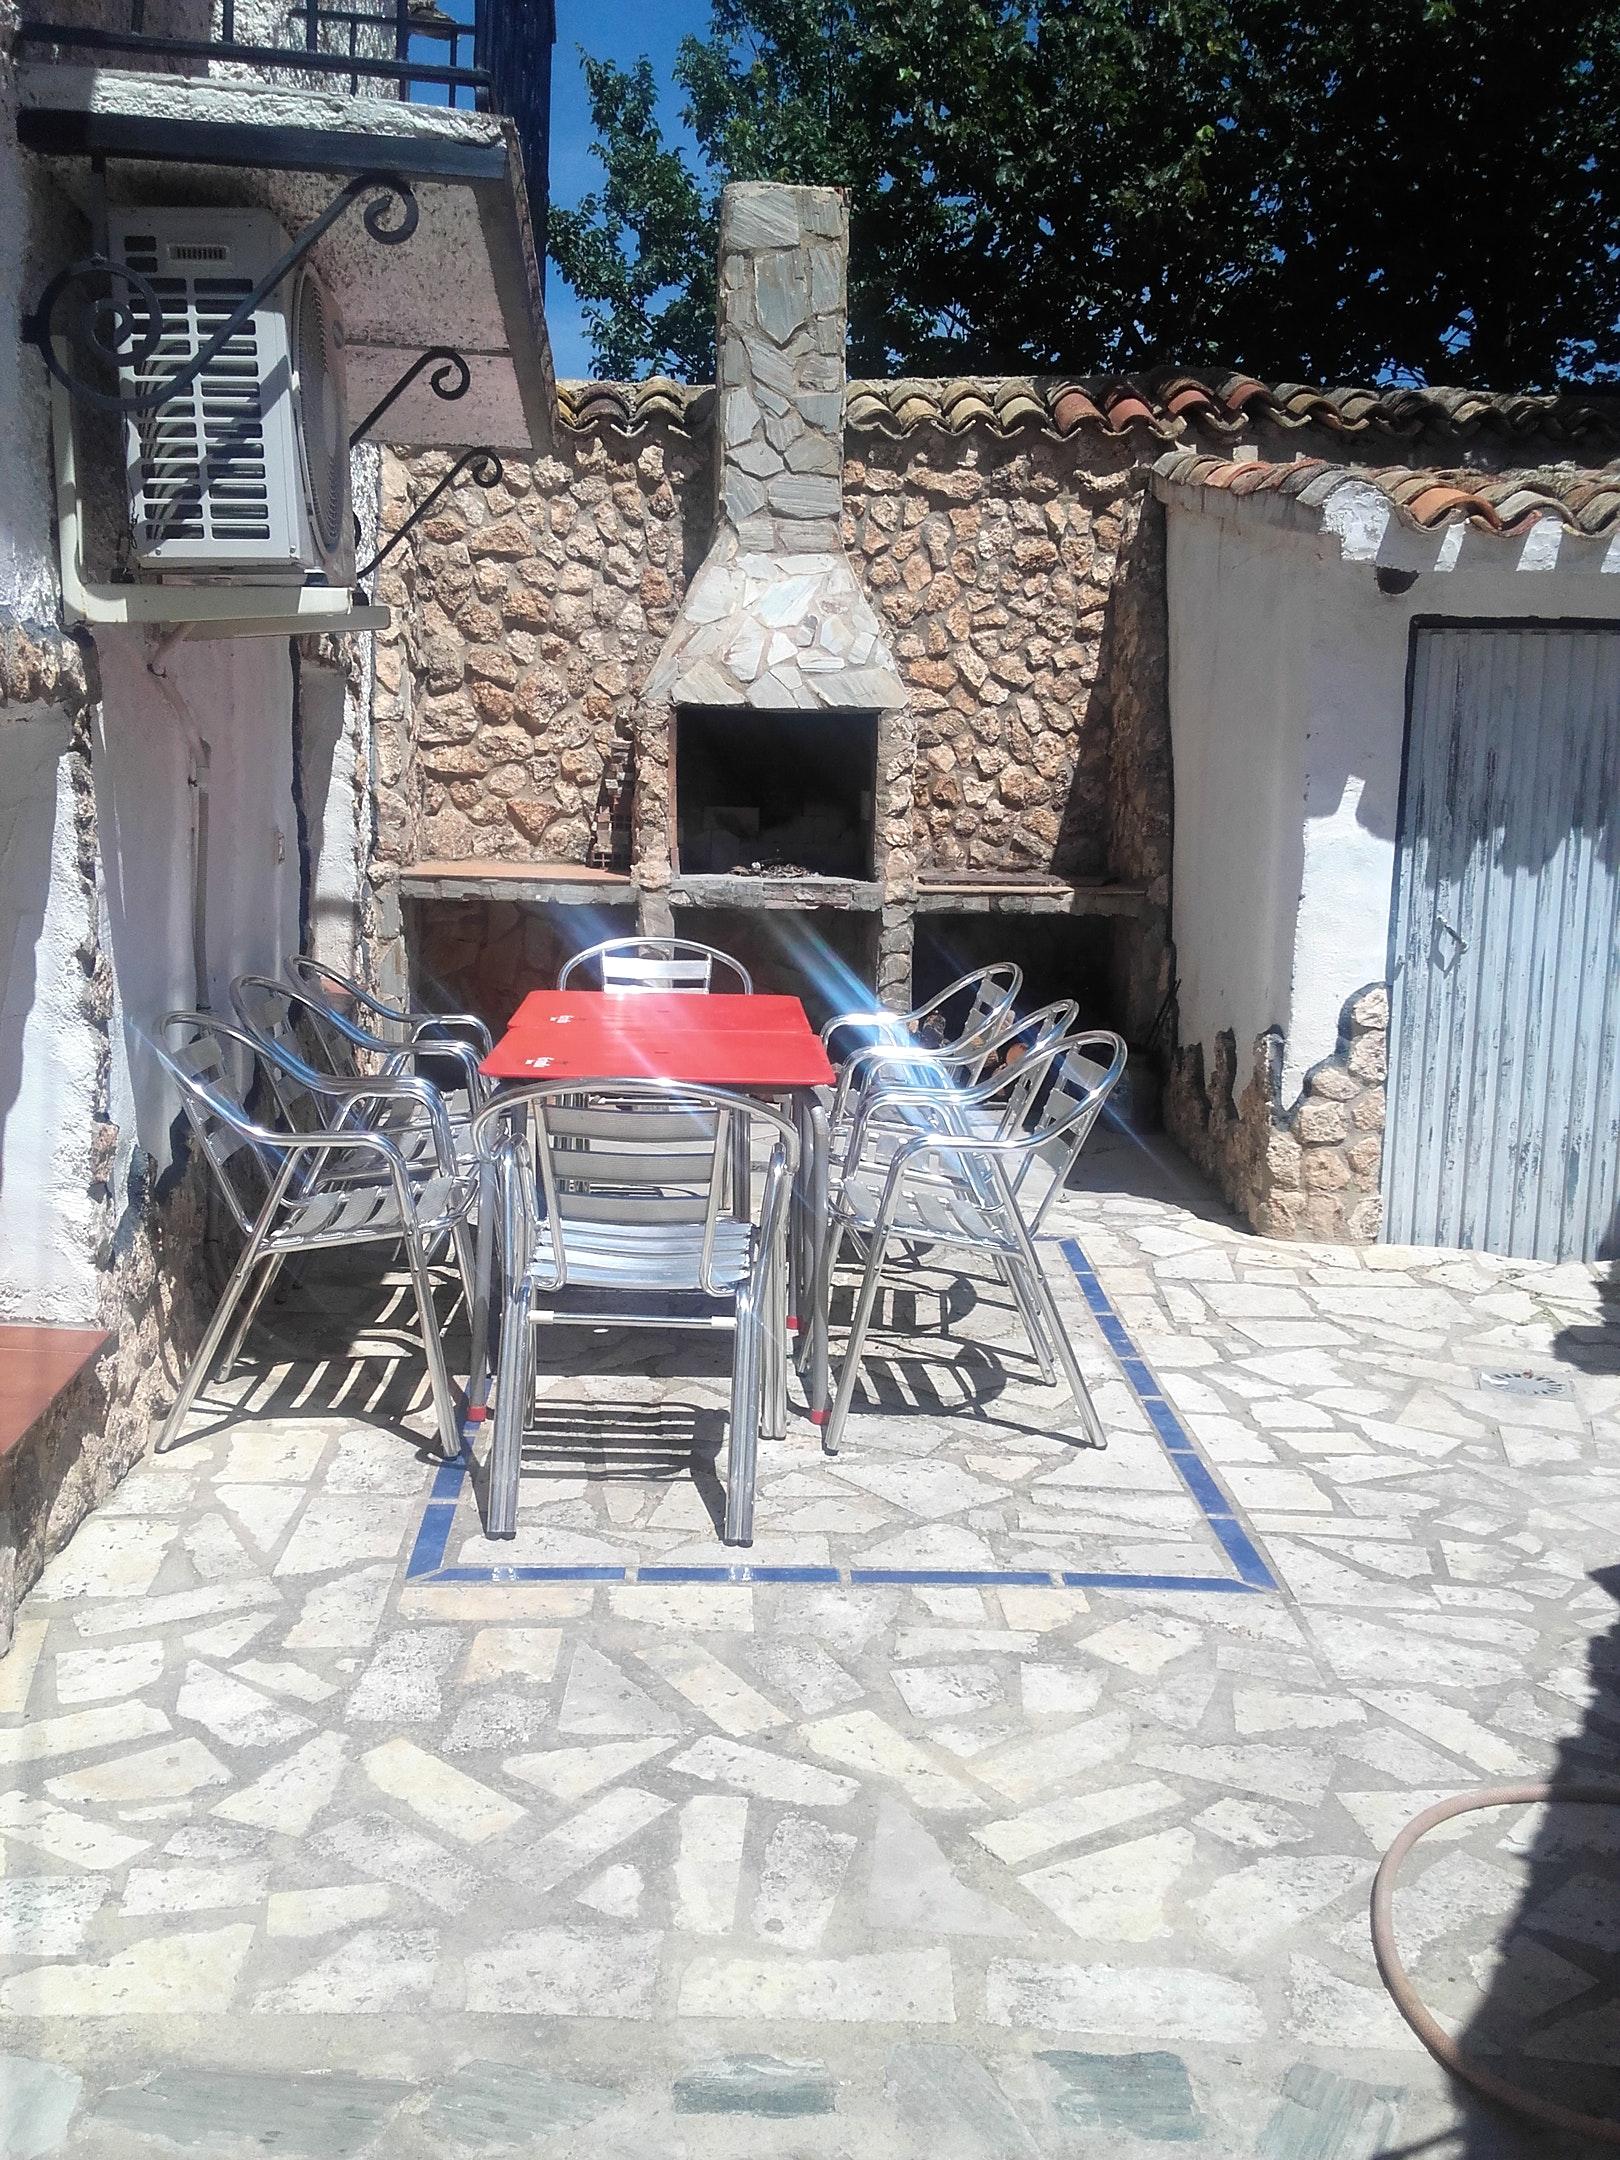 Ferienhaus Haus mit 5 Schlafzimmern in Casas del Cerro mit toller Aussicht auf die Berge und möbliert (2201517), Casas del Cerro, Albacete, Kastilien-La Mancha, Spanien, Bild 2